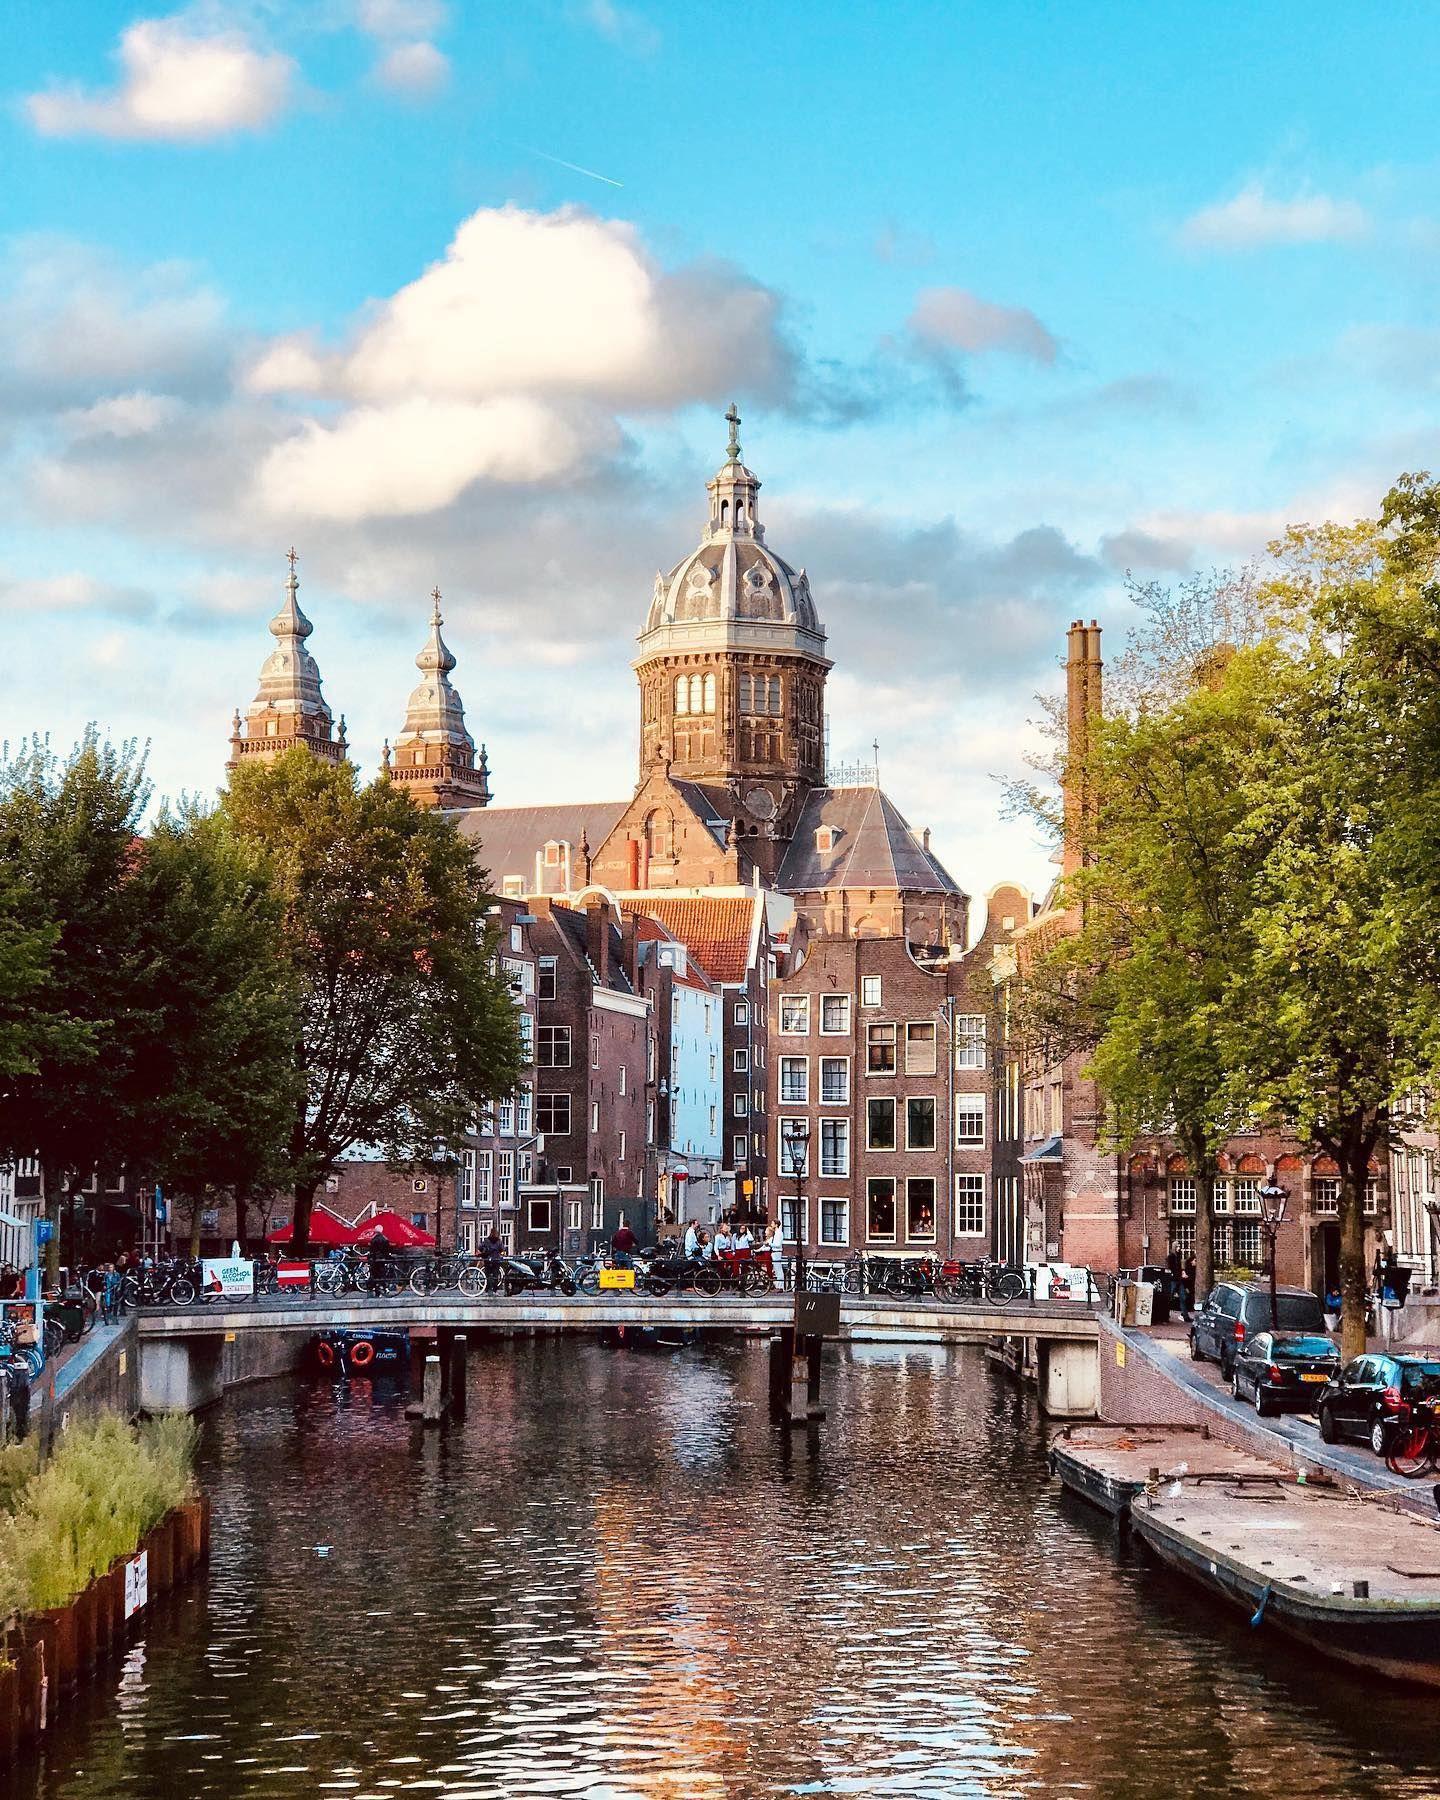 Parece Que Hay Un Día En Holanda Al Que Le Dicen Blue Monday Por Ser Uno De Los Más Deprimentes Del Año En Teoría El Tercer Verano Decir No Pensando